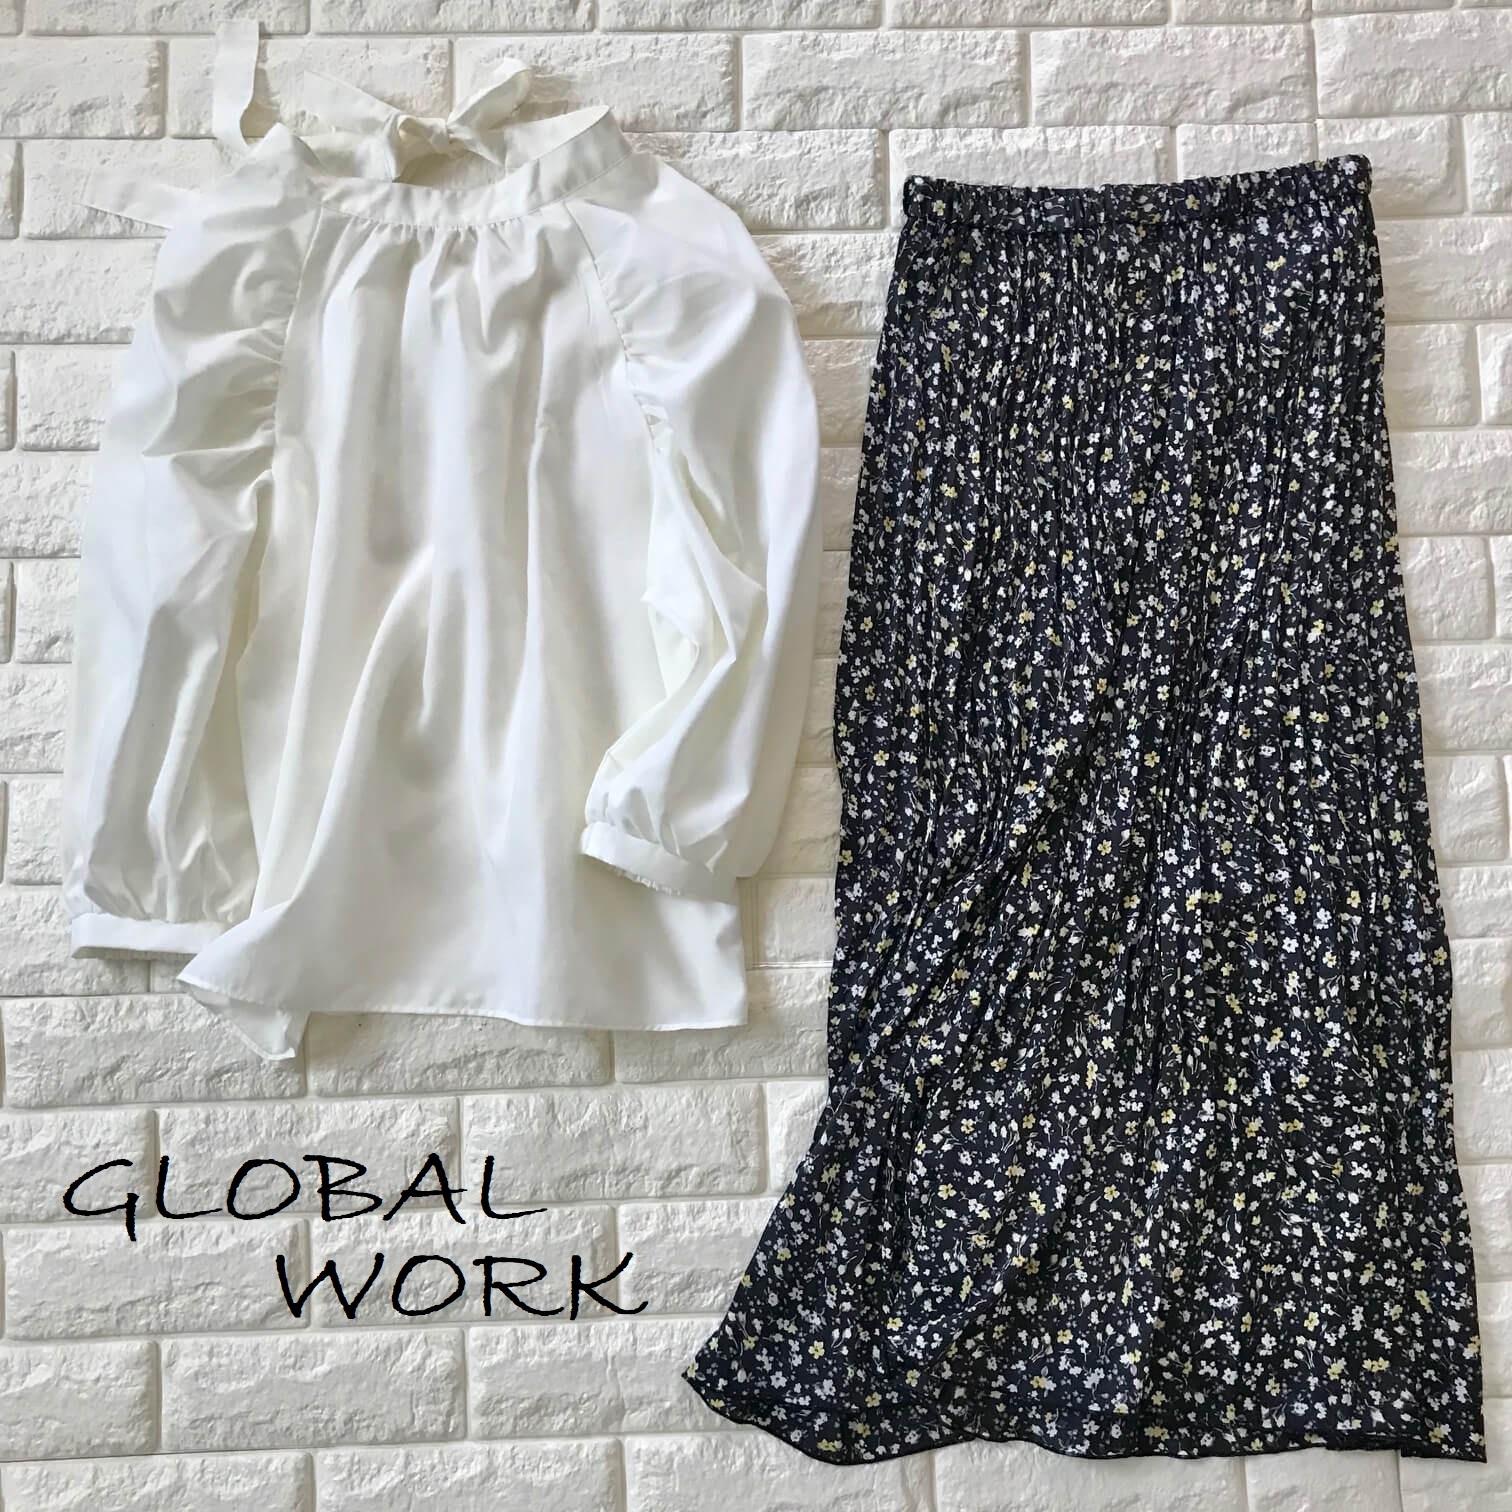 グローバルワークのブラウスと花柄スカートの画像